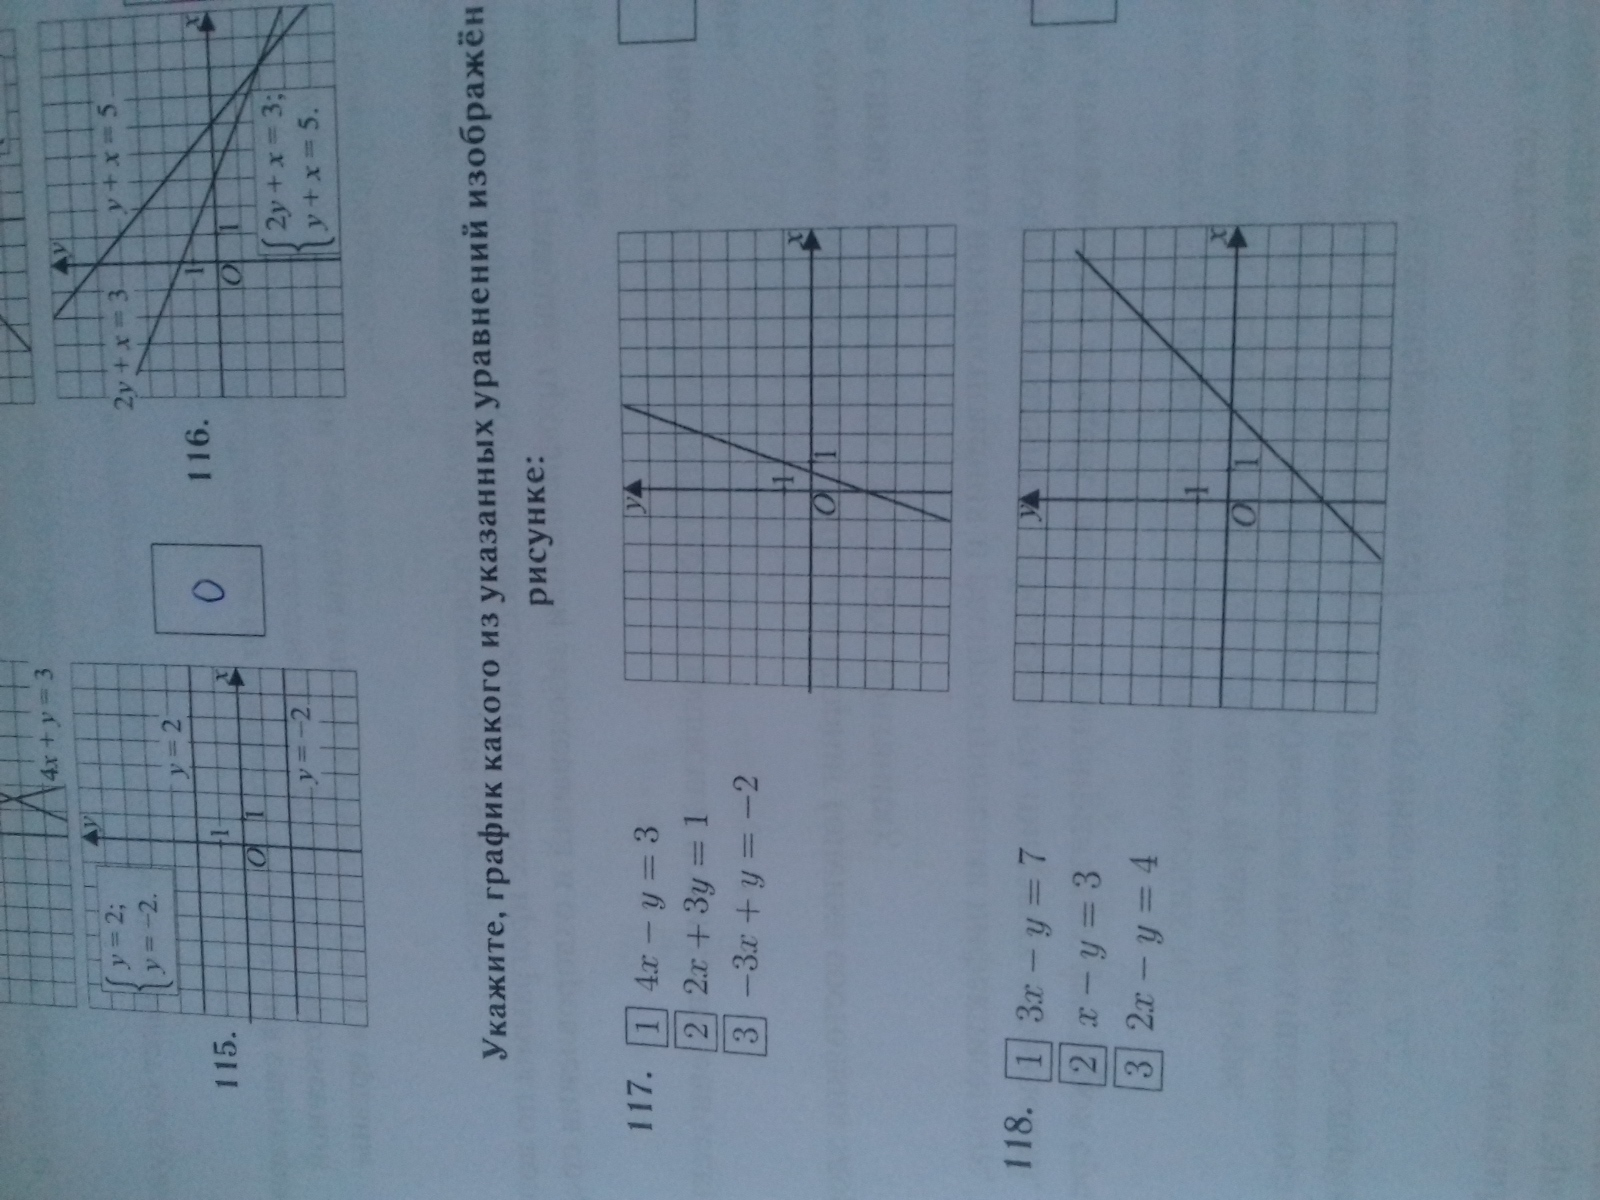 Укажите график какого из указанных уравнений изображенной на рисунке?